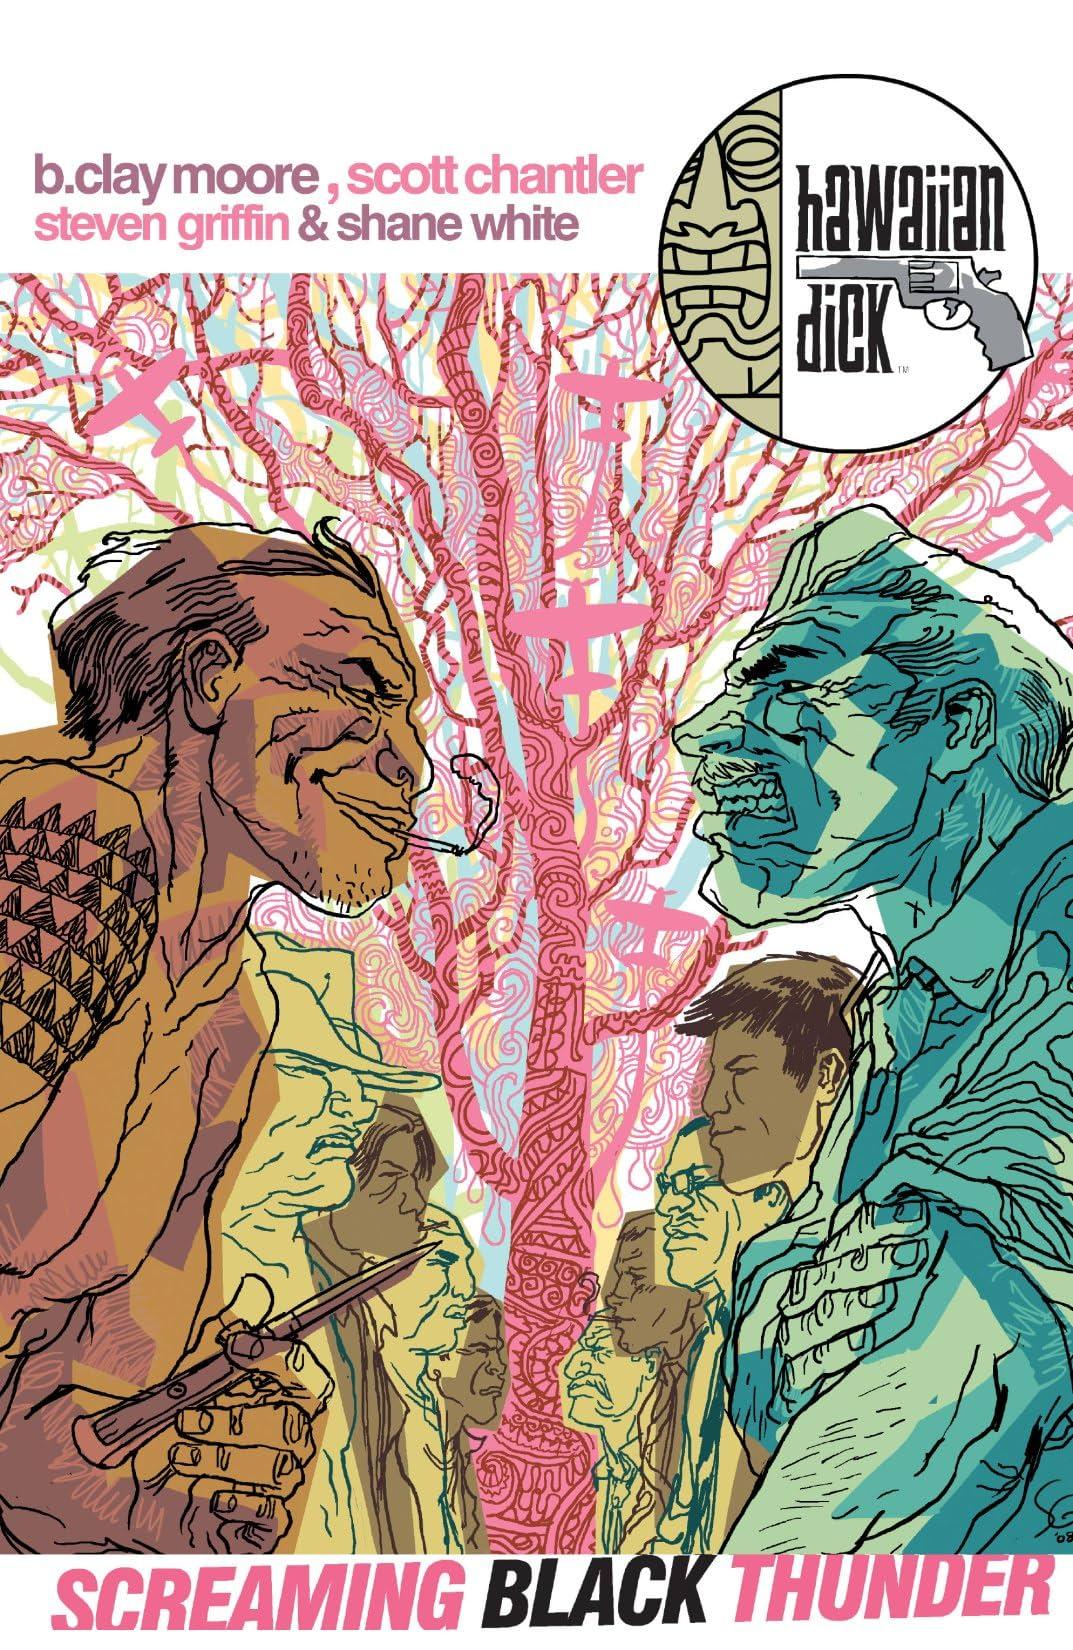 Hawaiian Dick Vol. 3: Screaming Black Thunder